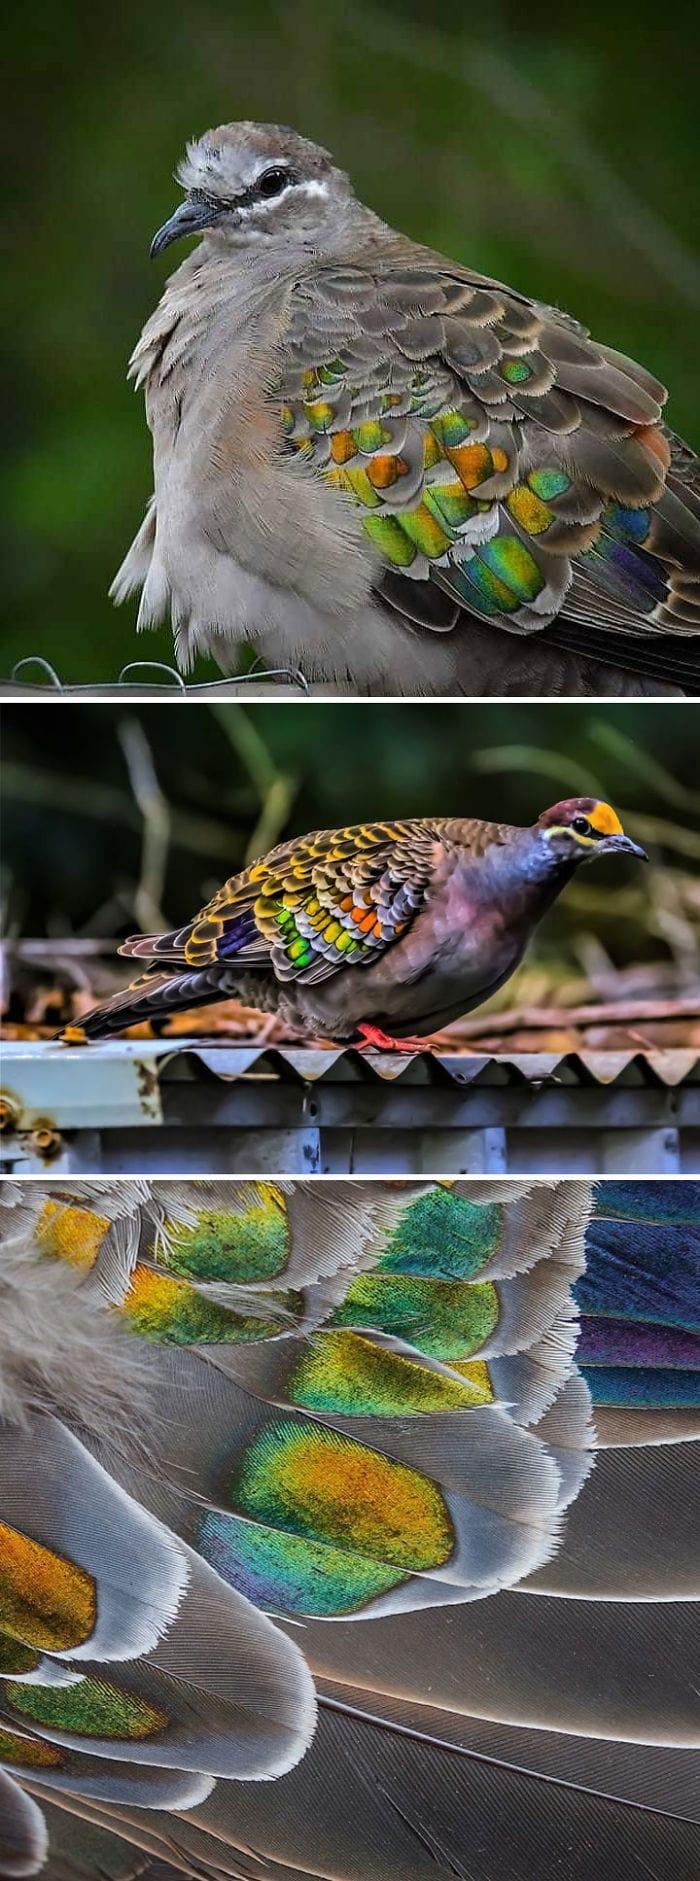 Лесные звери и птицы фото 1591798352_45f78b9f1632e66f139b0fc0309a767e